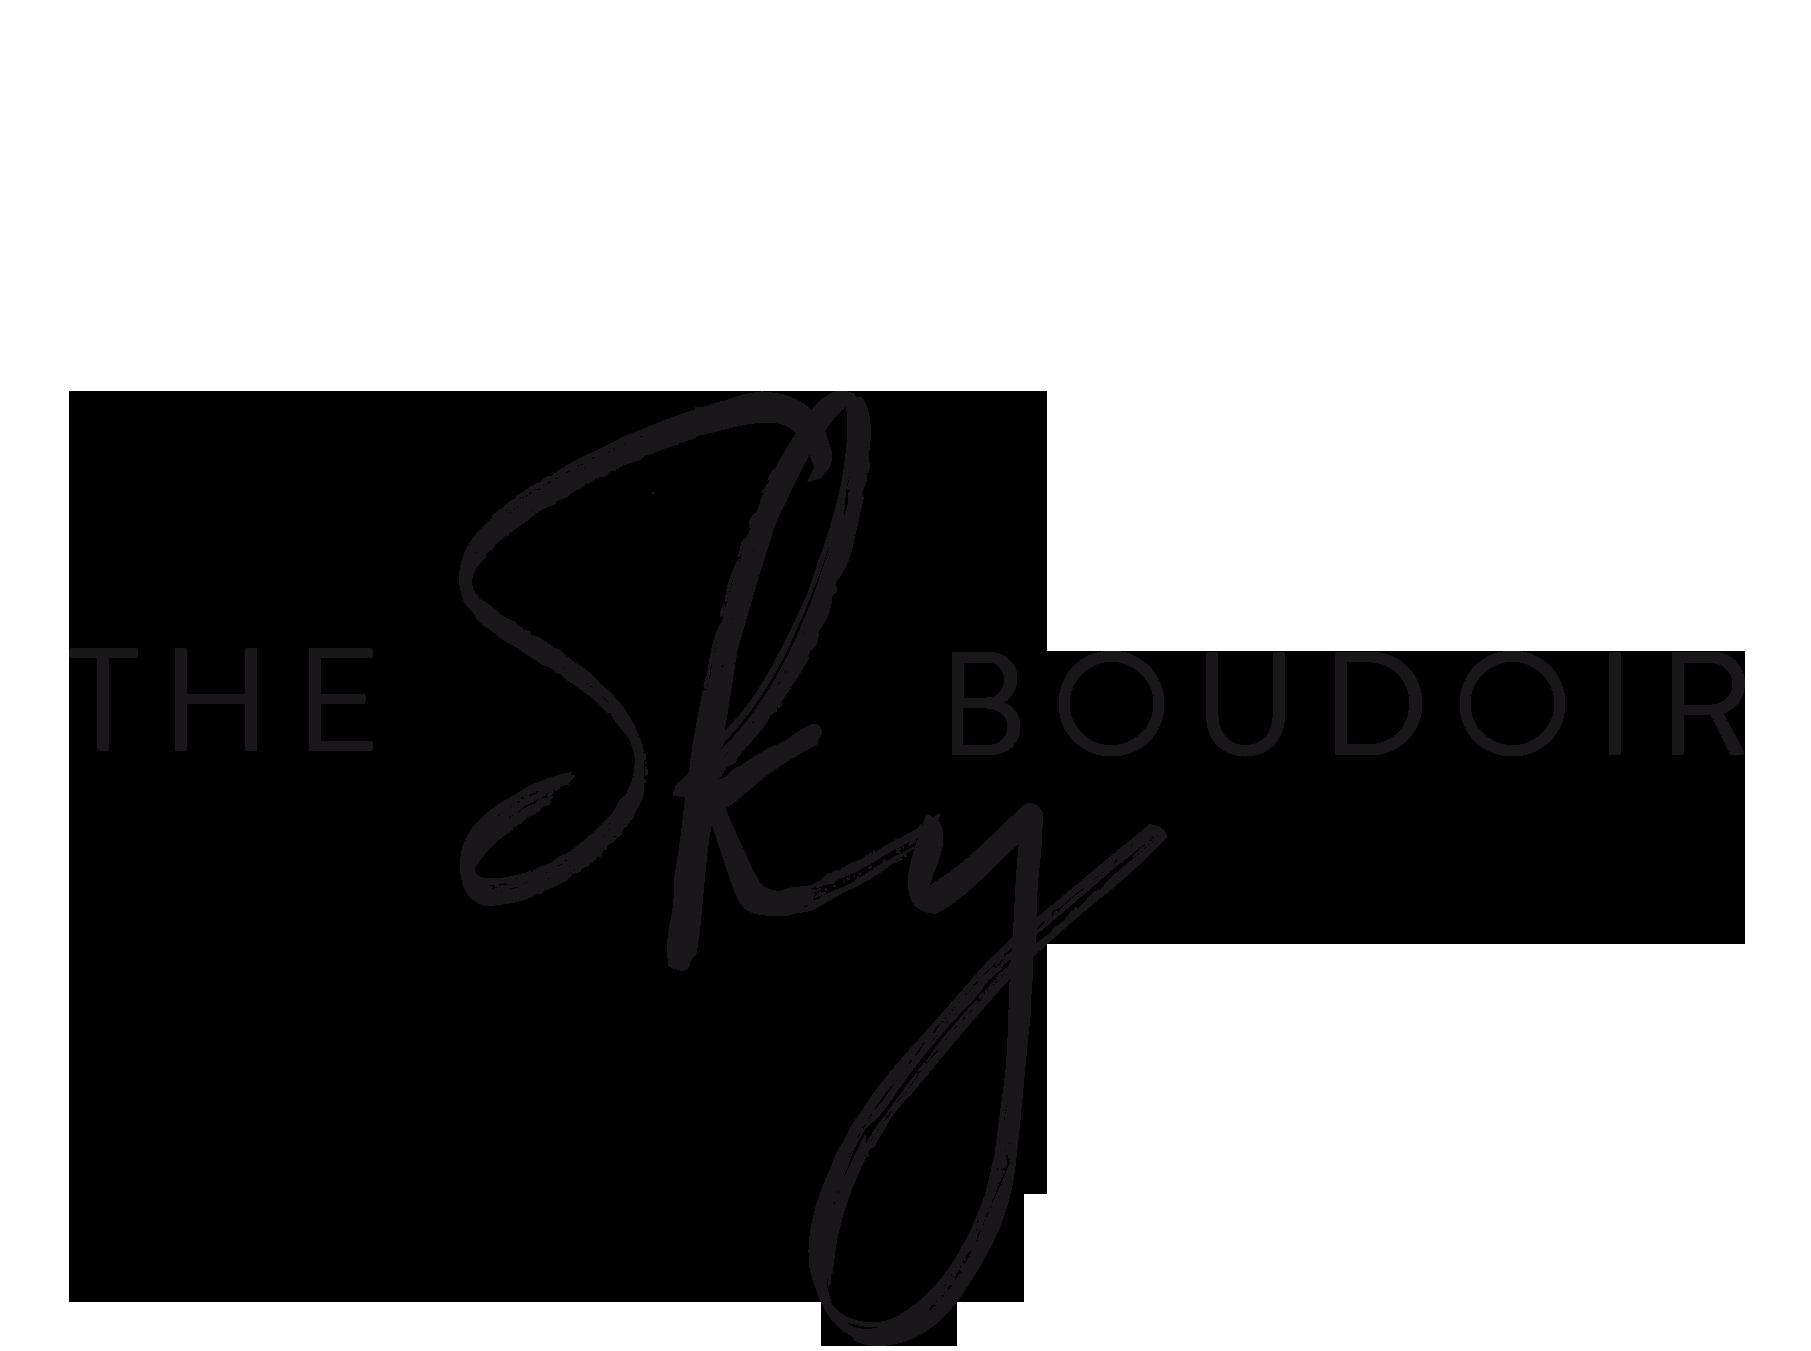 Sky Boudoir - Boudoir Fotografie München